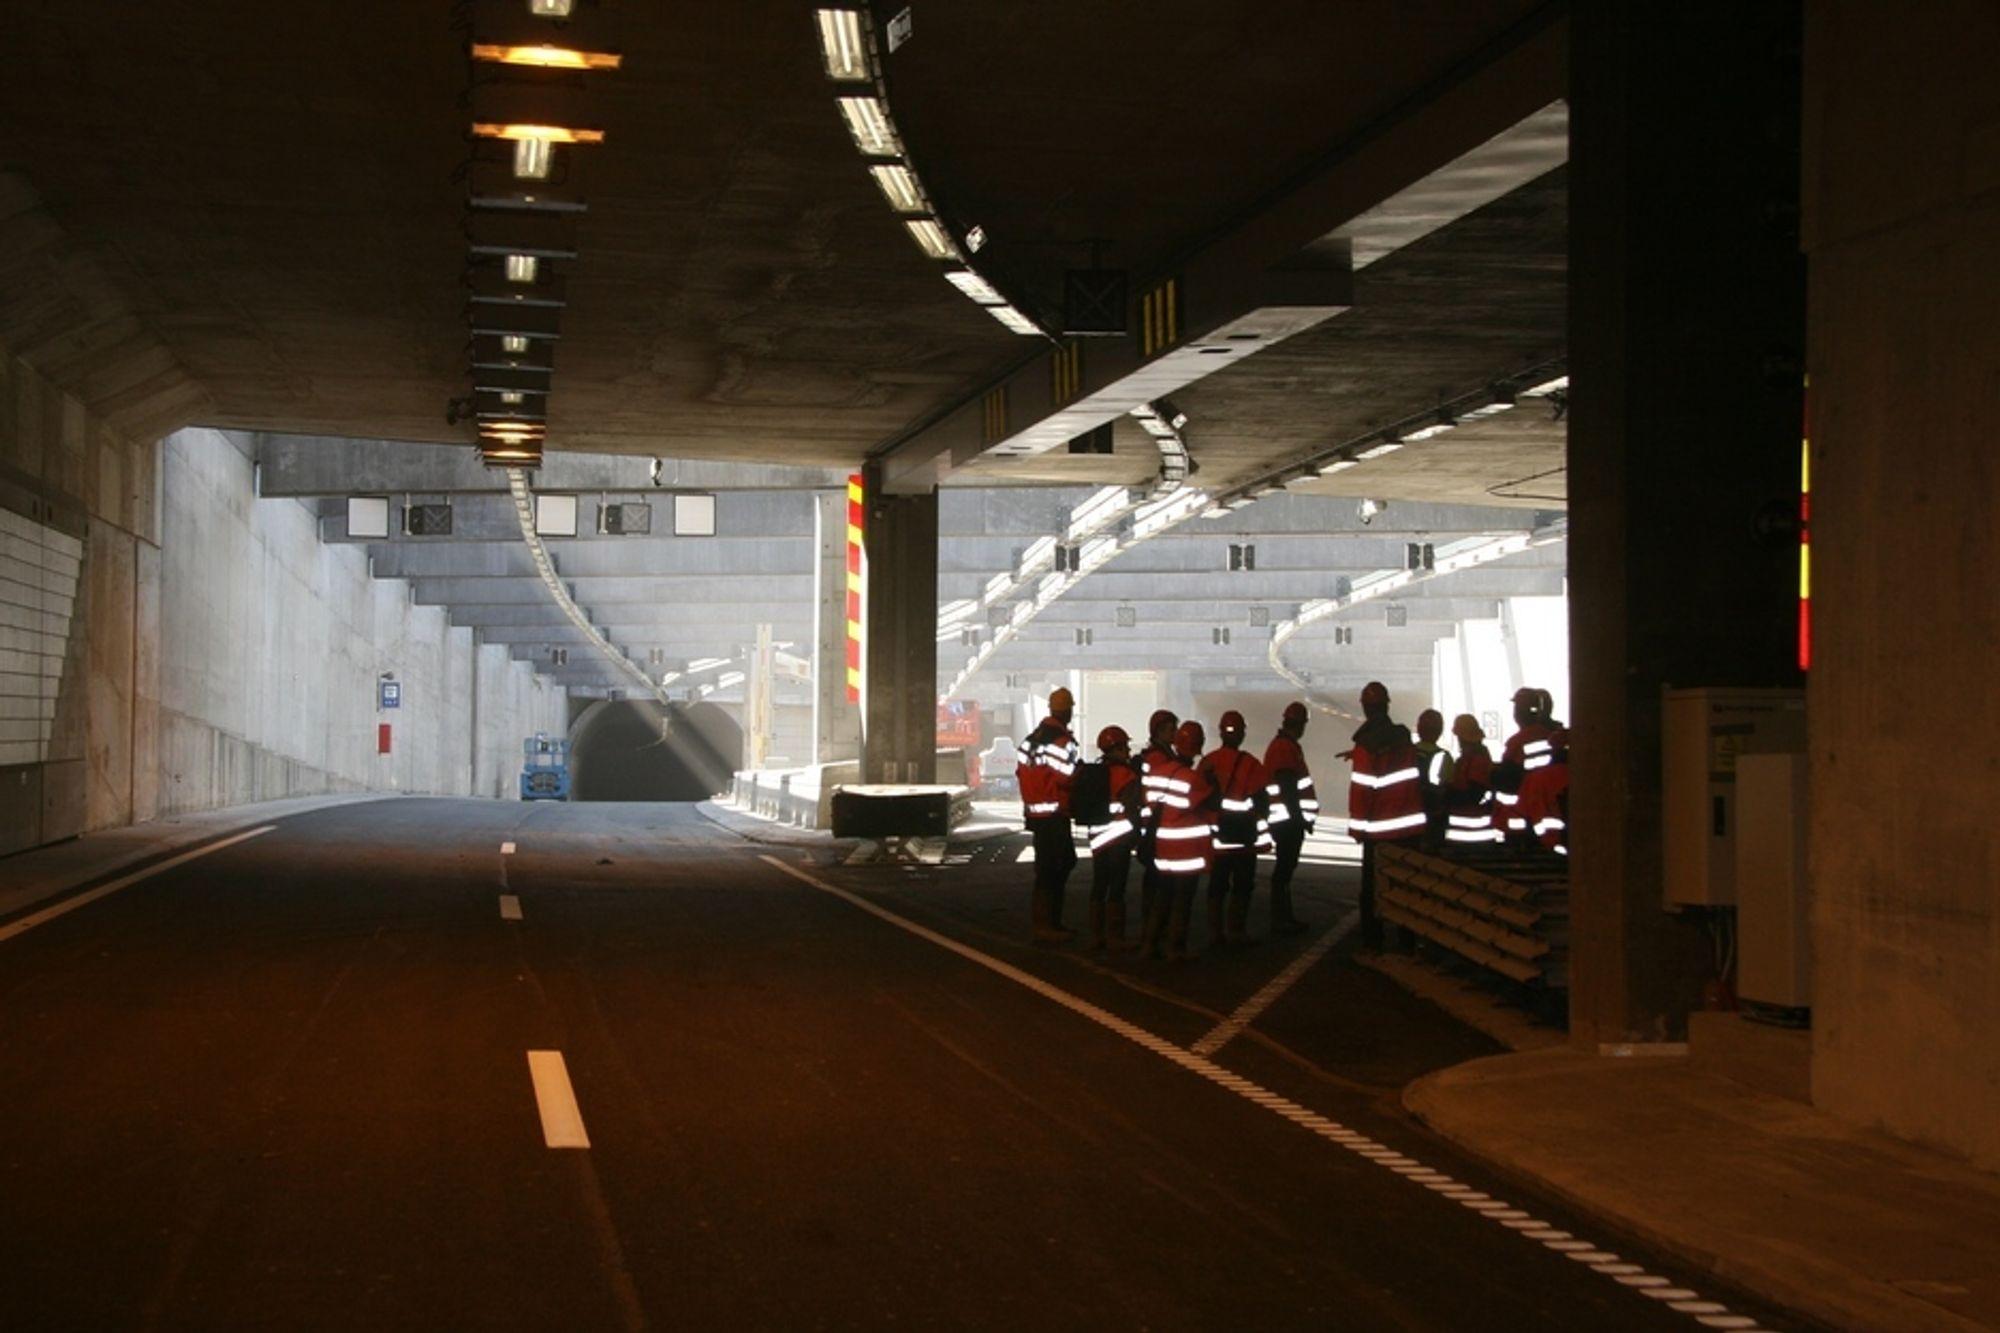 SOLSKJERMING: Mellom Bjørvikatunnelen og Ekebergtunnelen er det et åpent felt. Det er av branntekniske årsaker. Solskjerming er lagt inn for hindre at bilister blir blendet når solen står lavt.